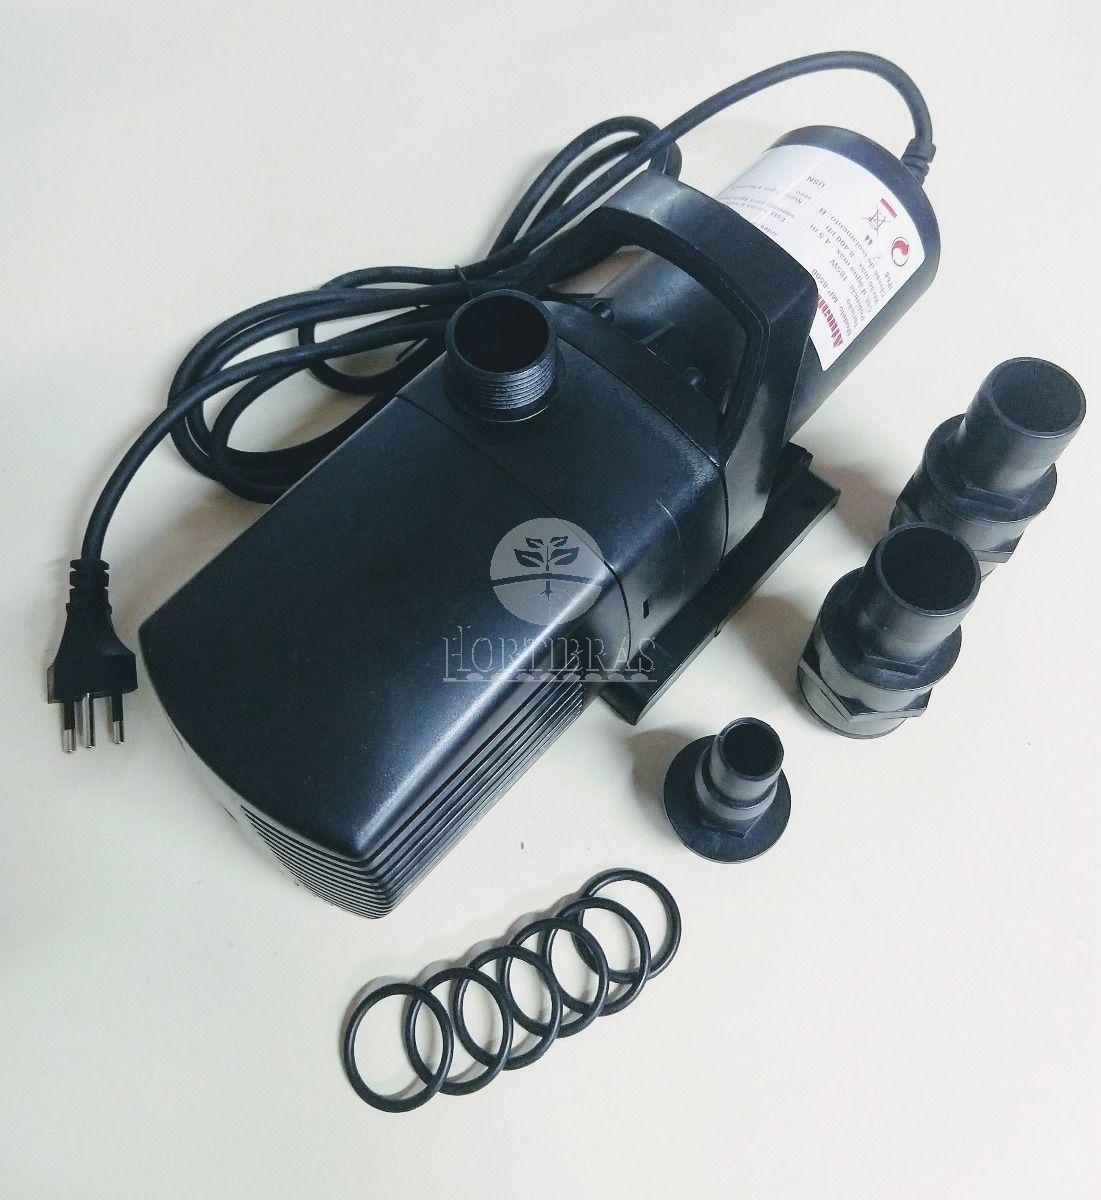 BOMBA SUBMERSA MP8500 220V 8.400 L/H 4,50 M.C.A - ATMAN